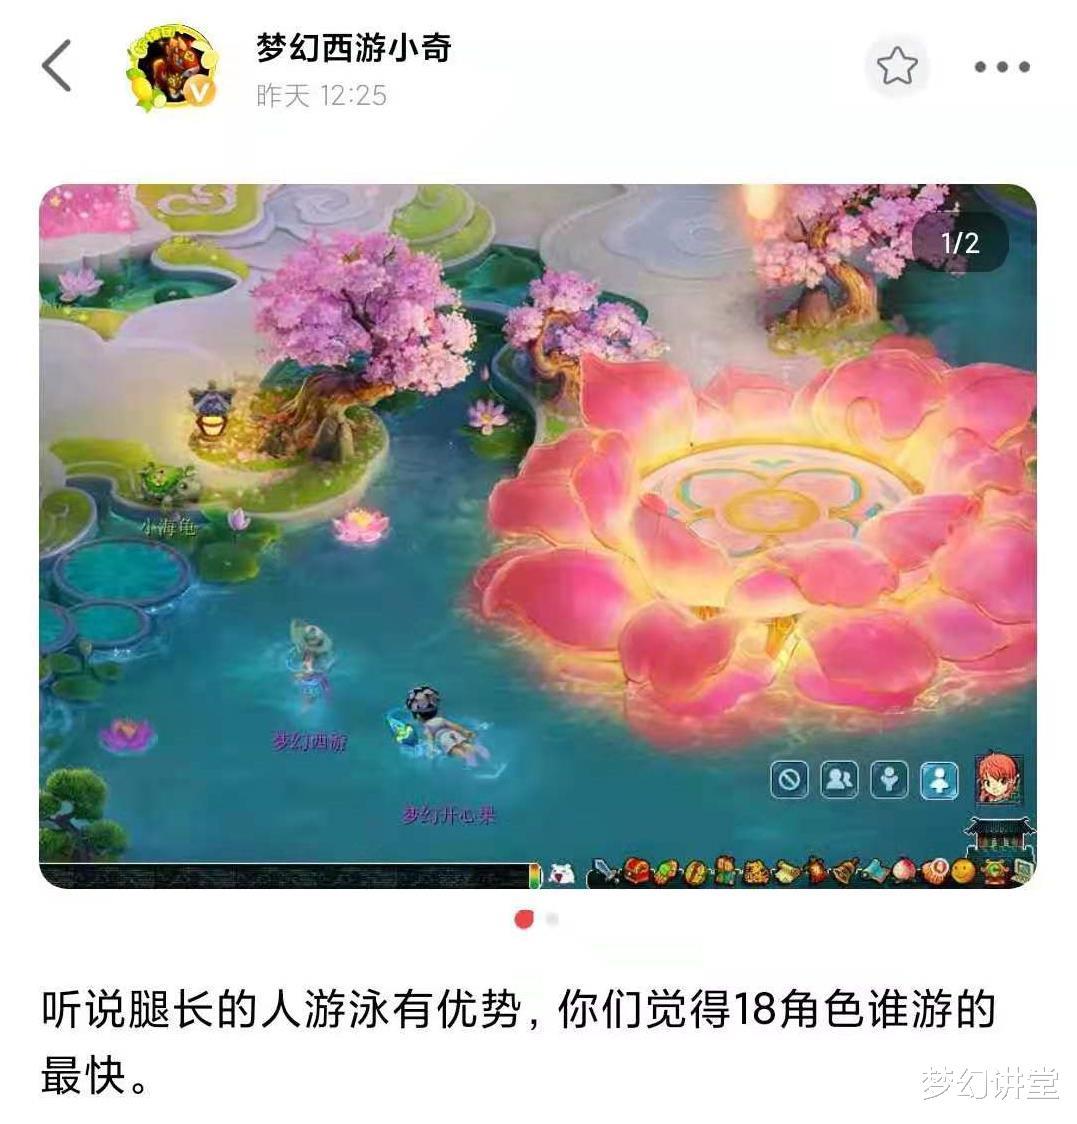 《【煜星登陆注册】梦幻西游:小雁塔、芙蓉园,新资料片领略大唐长安盛世》